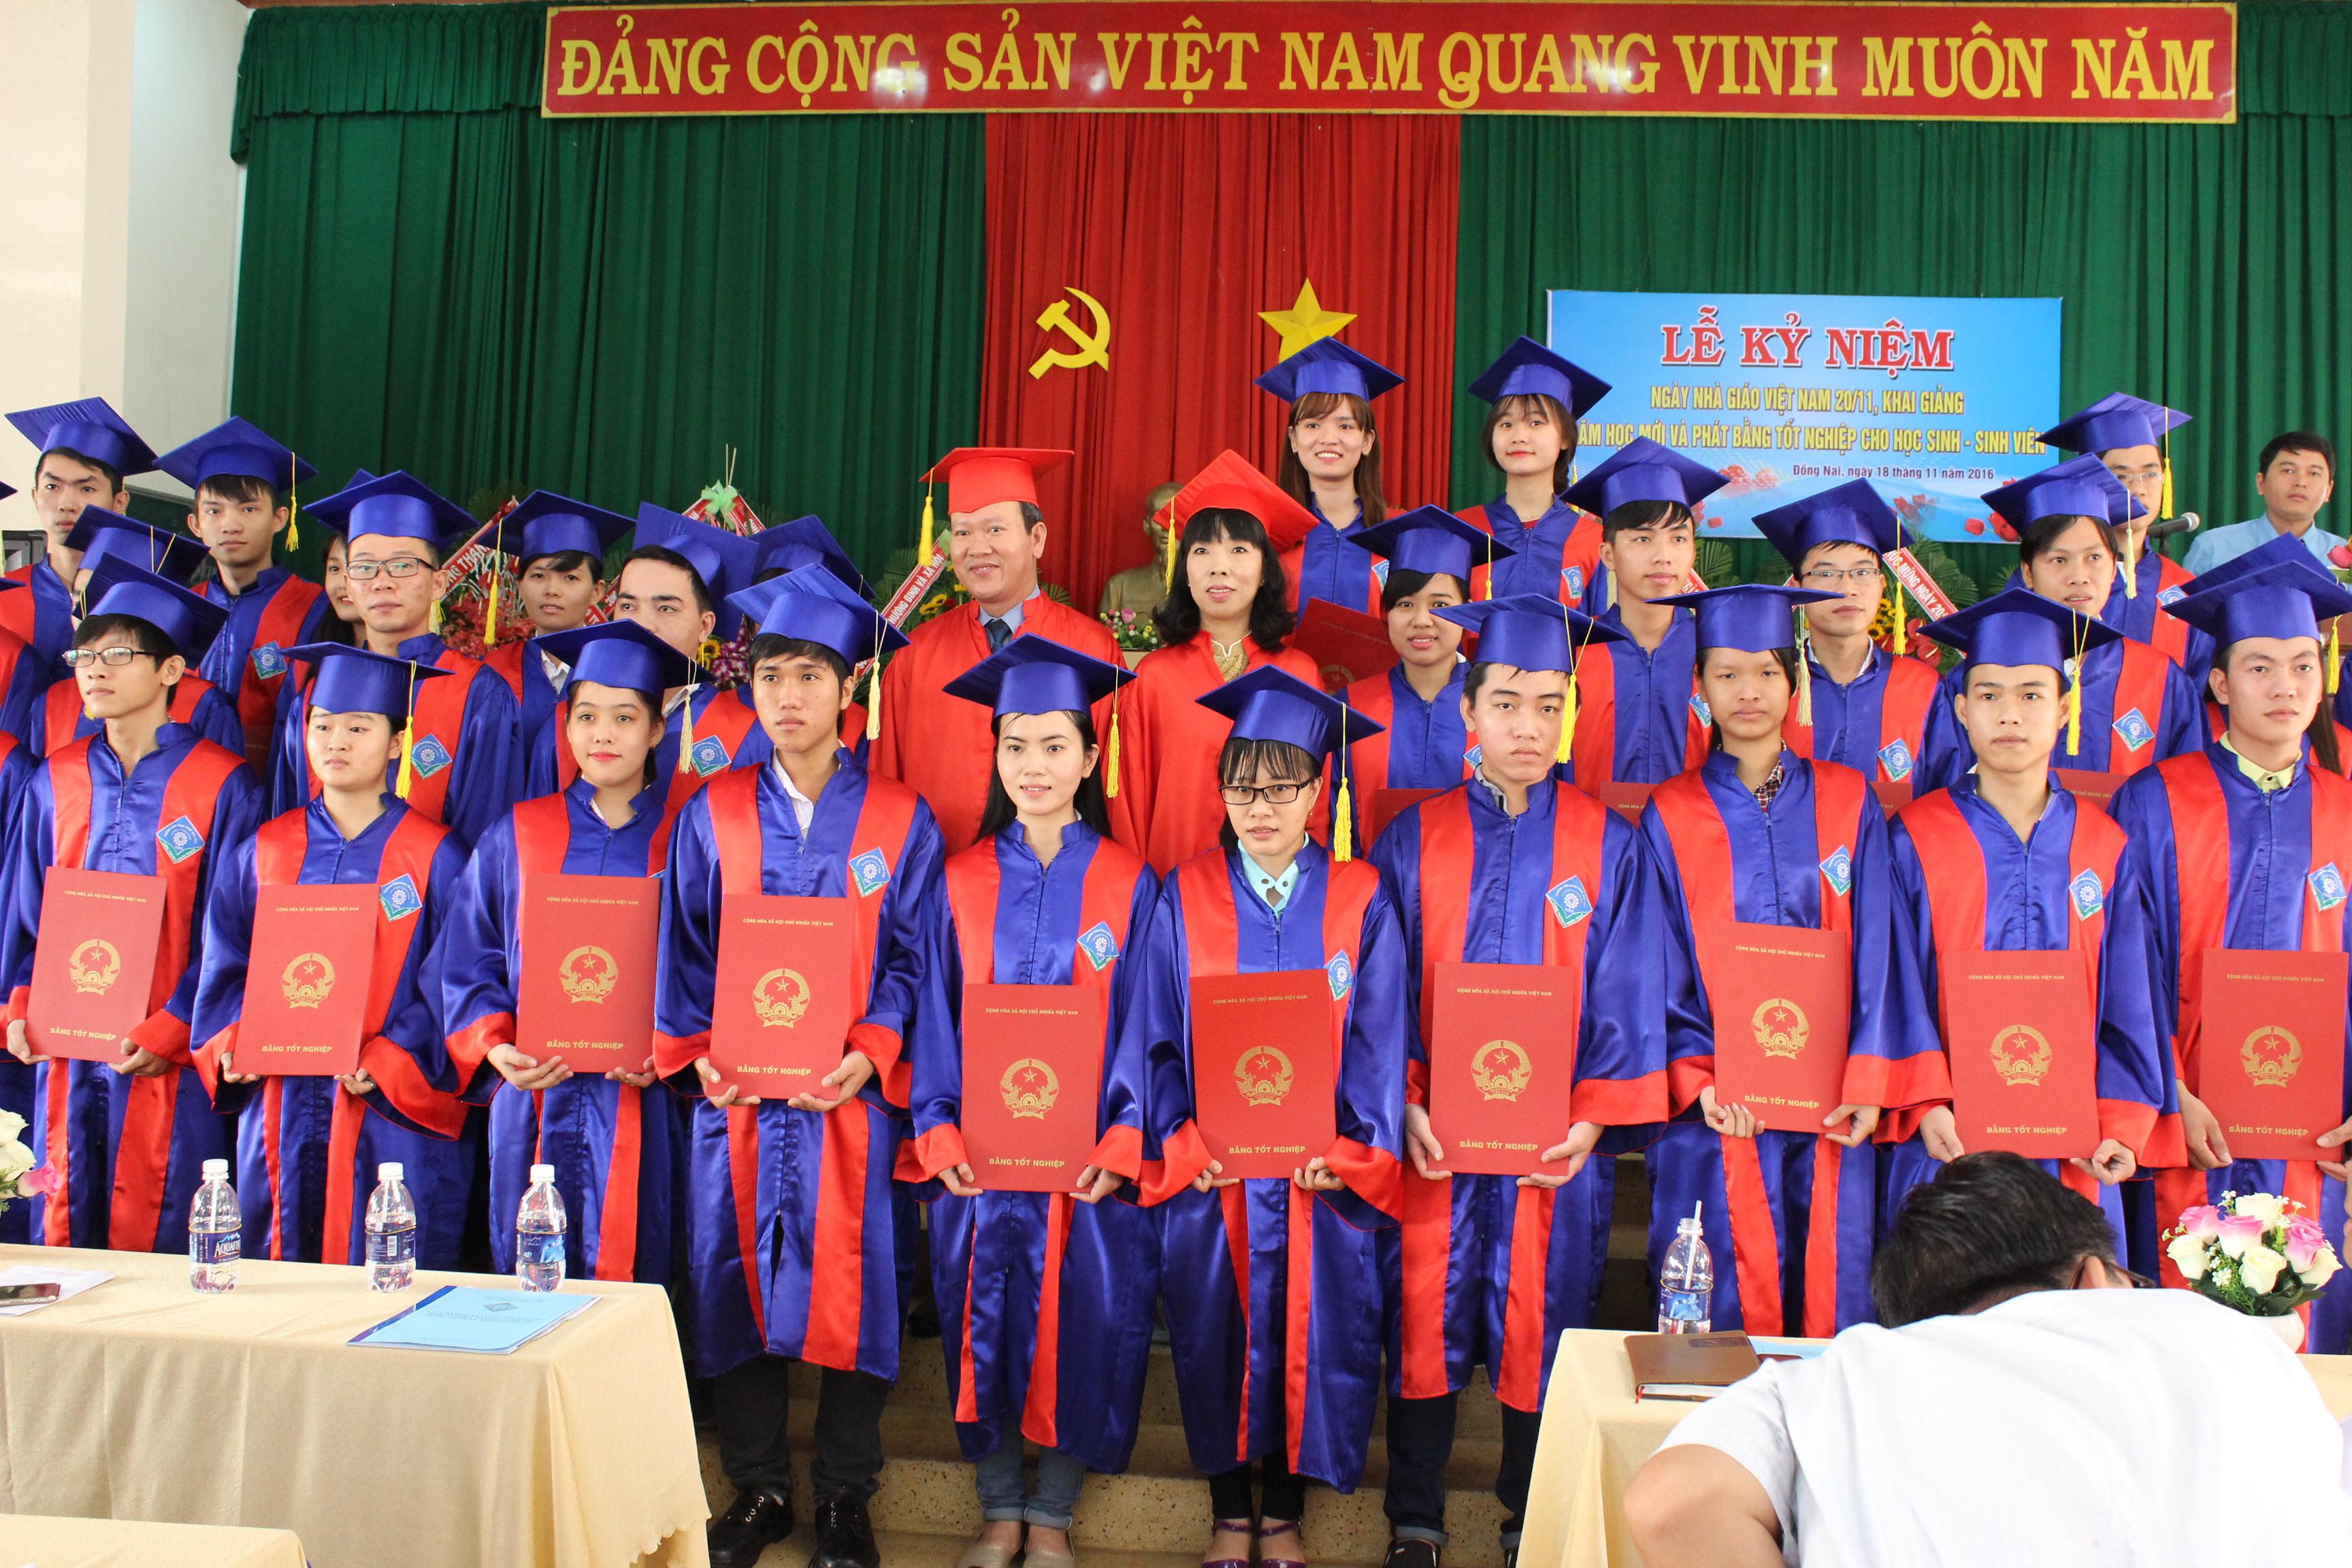 Lễ phát bằng tốt nghiệp cho sinh viên cao đẳng khóa 2013-2016